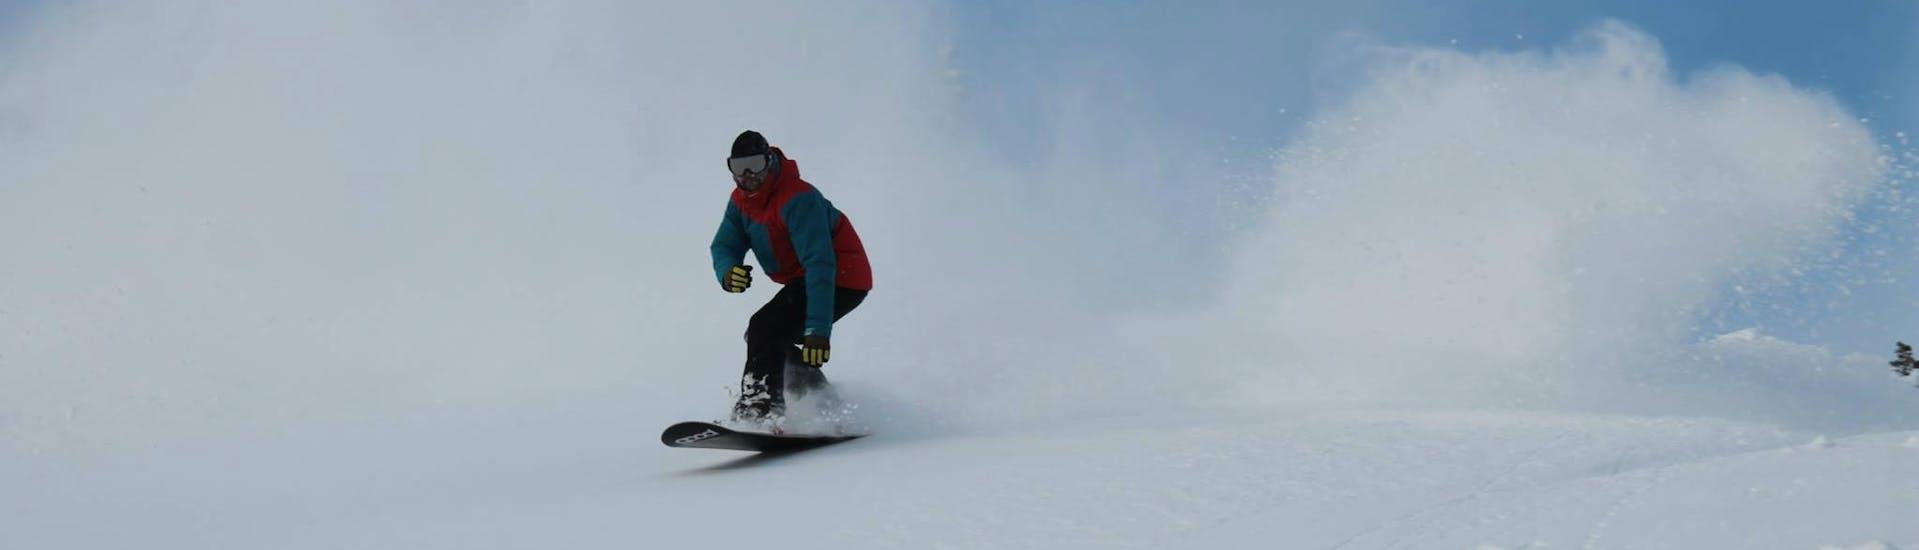 Privater Snowboardkurs mit Ausrüstung